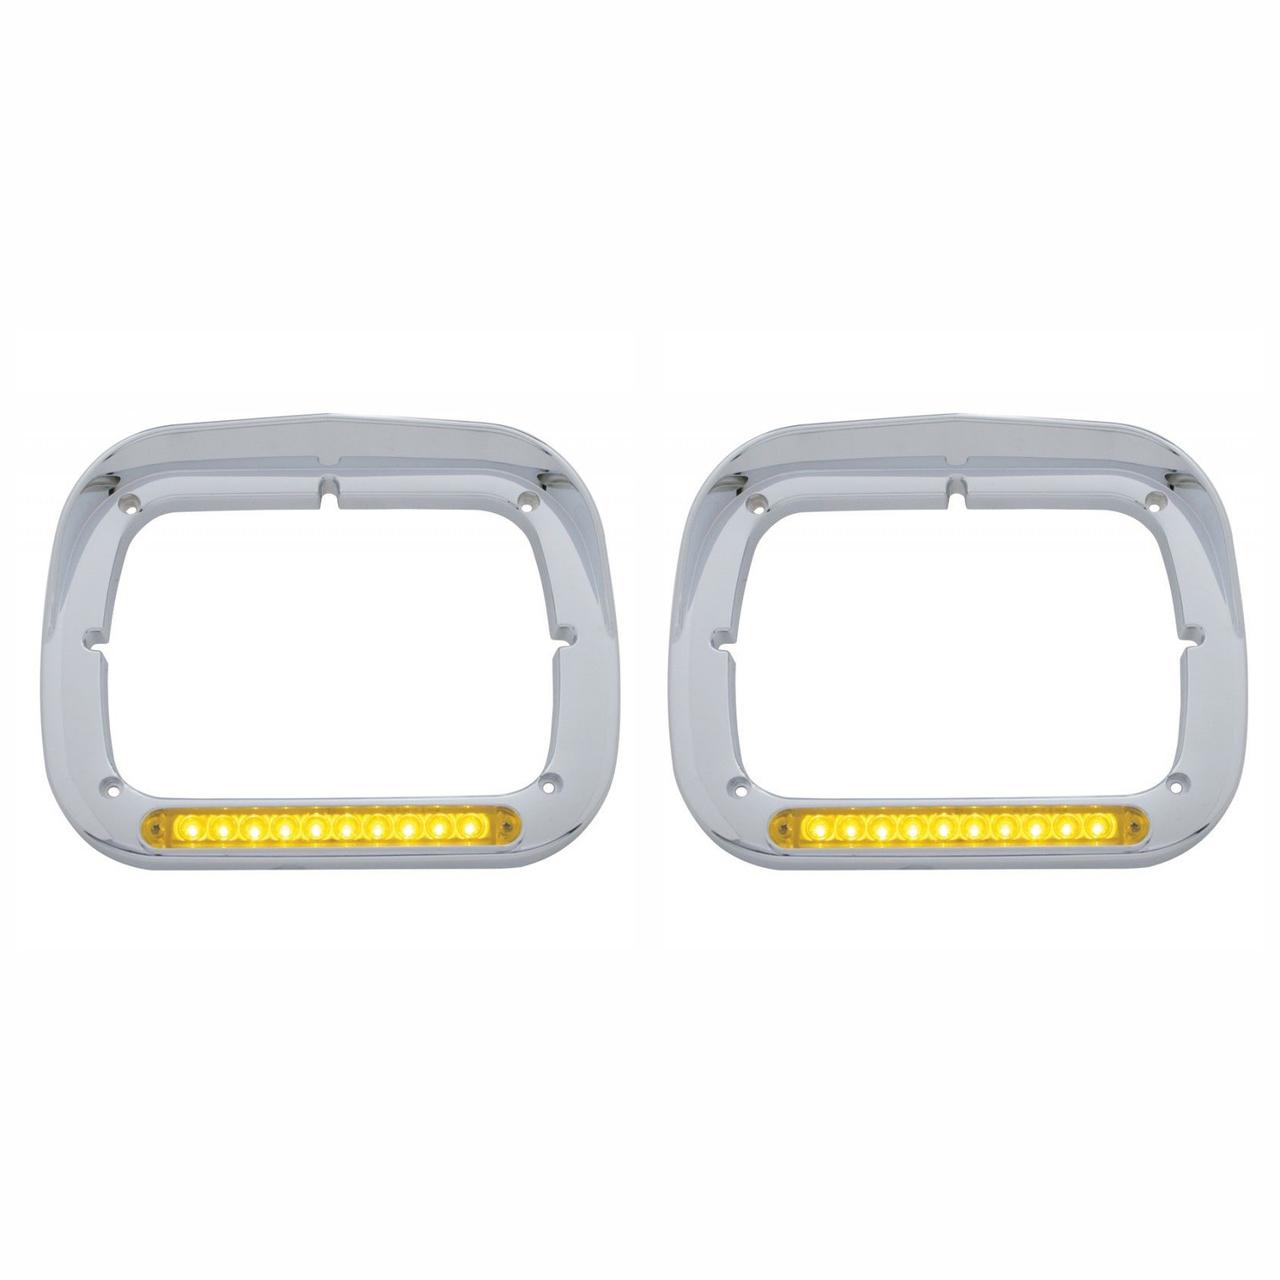 10 Amber LED Rectangular Headlight Bezel with Visor for Semi Trucks, Pair